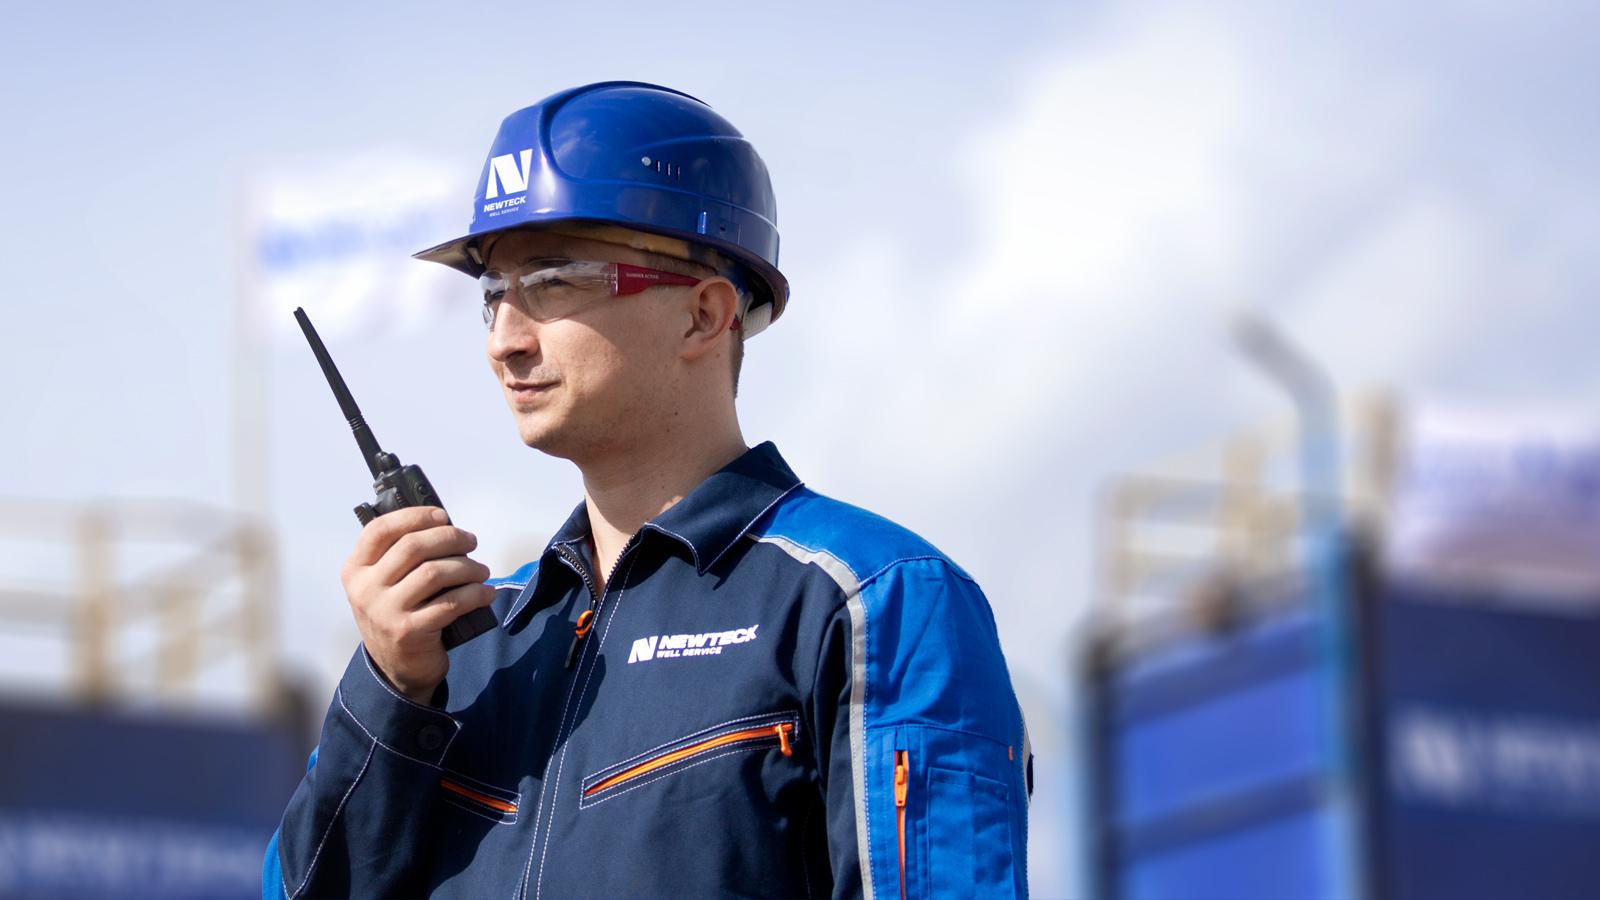 Комплексный рестайлинг фирменного стиля бренда NEWTECK Well Service помог сформировать актуальный и эффективный образа современной технологичной компании, обслуживающей газовые и нефтяные скважины.